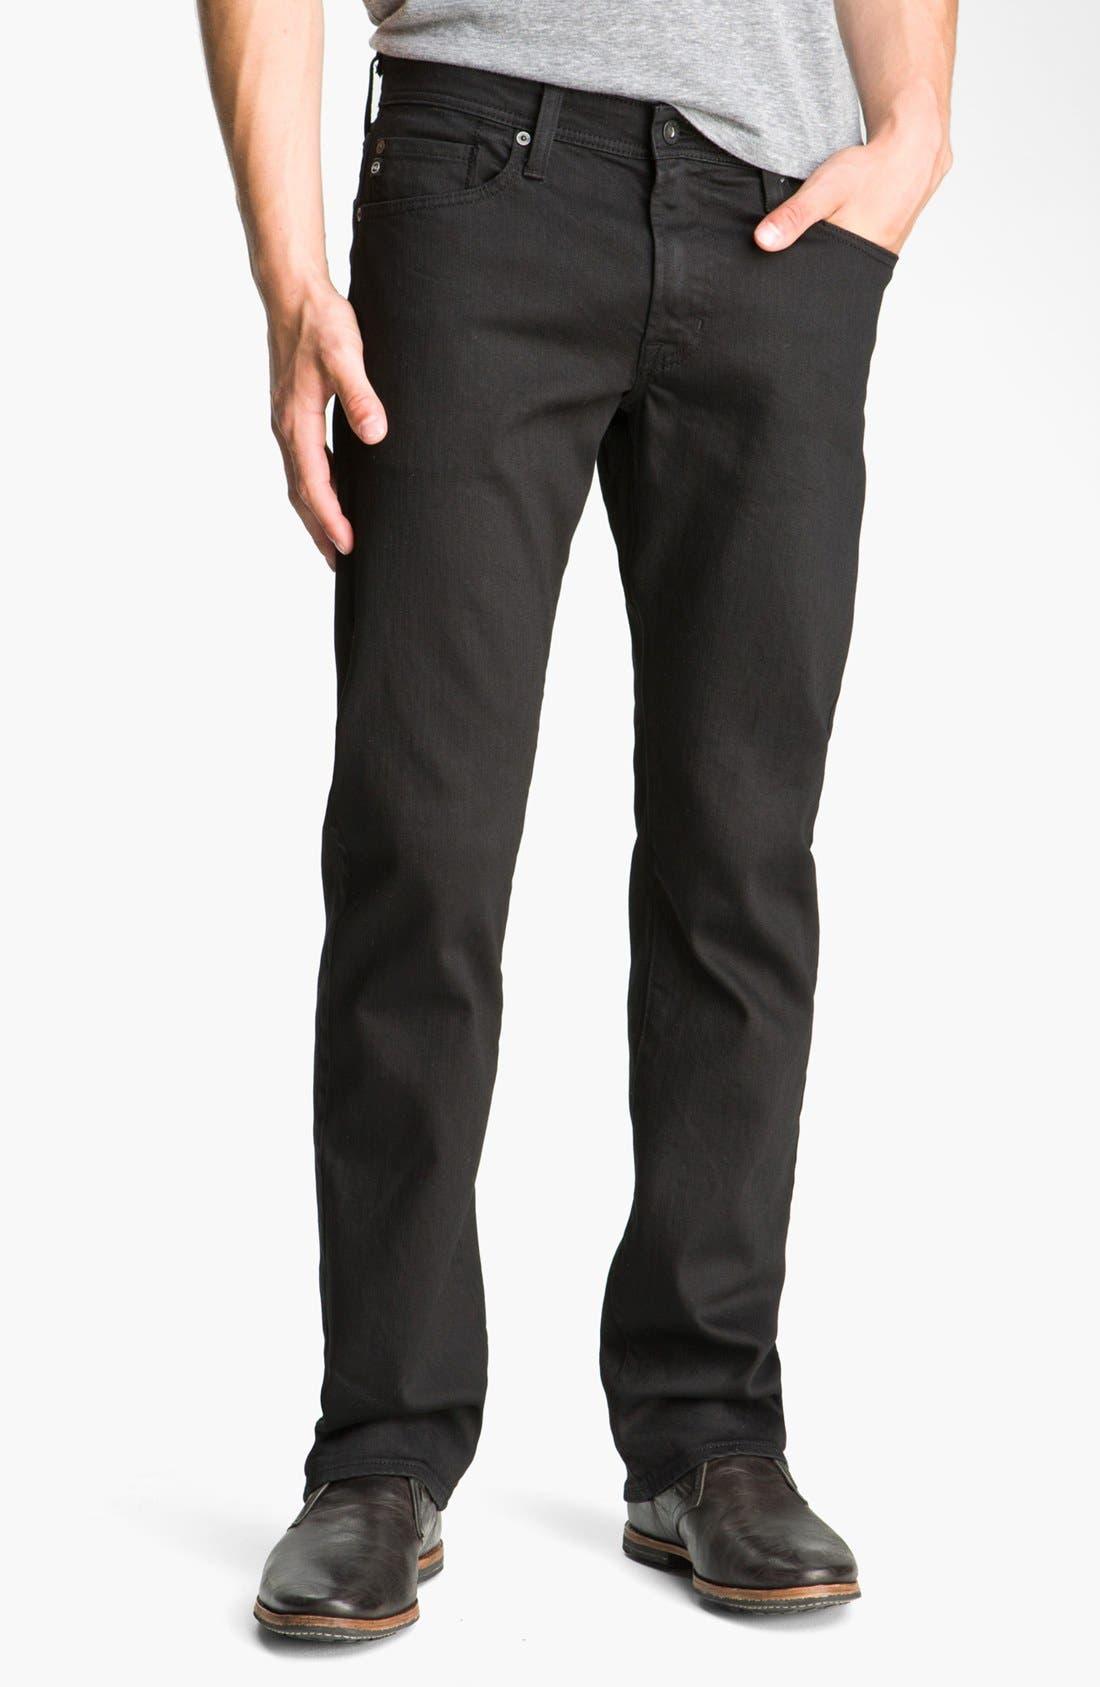 Alternate Image 1 Selected - AG 'Protégé' Straight Leg Jeans (Black Overdye)